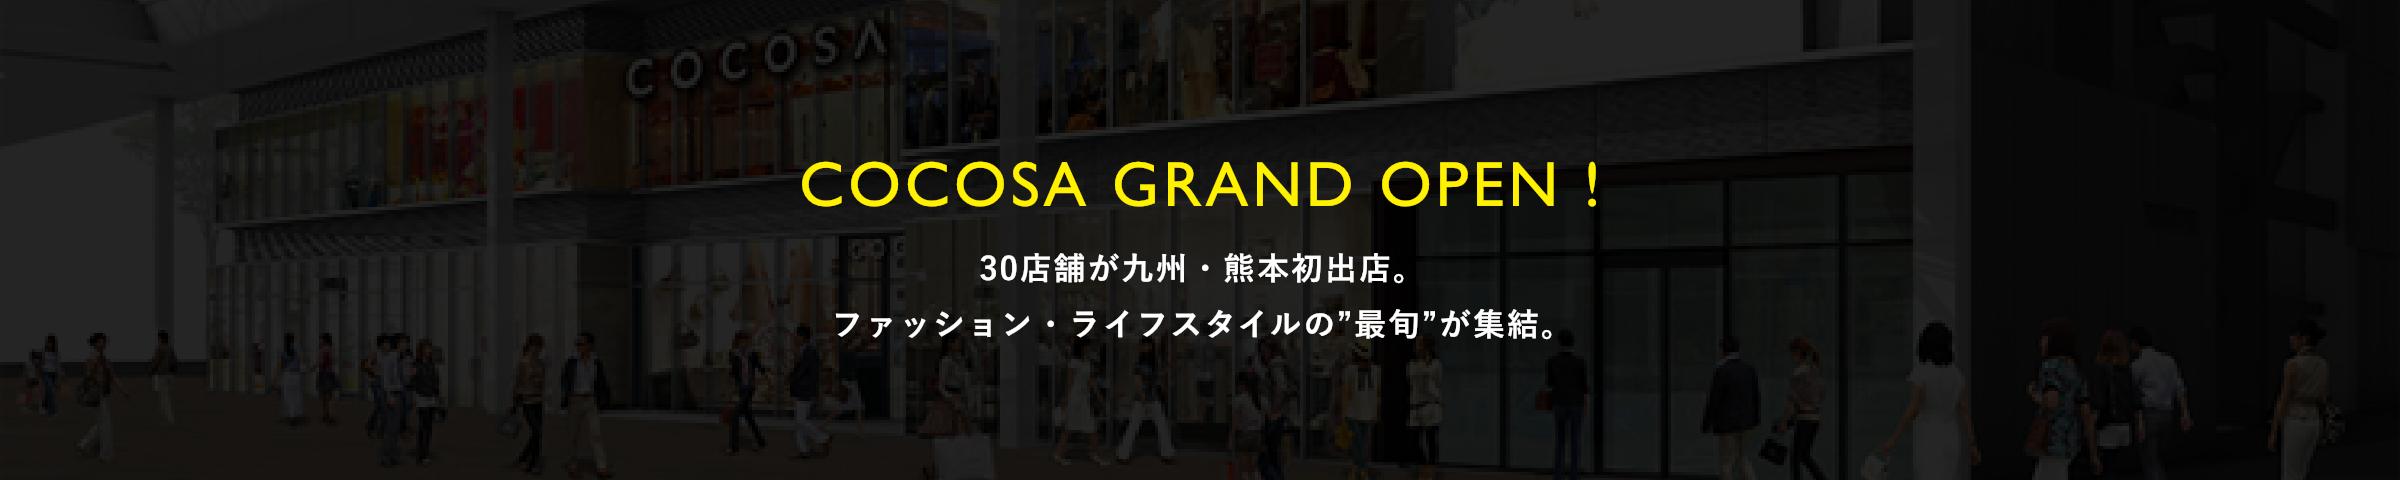 """COCOSA GRAND OPEN ! 30店舗が九州・熊本初出店。 ファッション・ライフスタイルの""""最旬""""が集結。"""